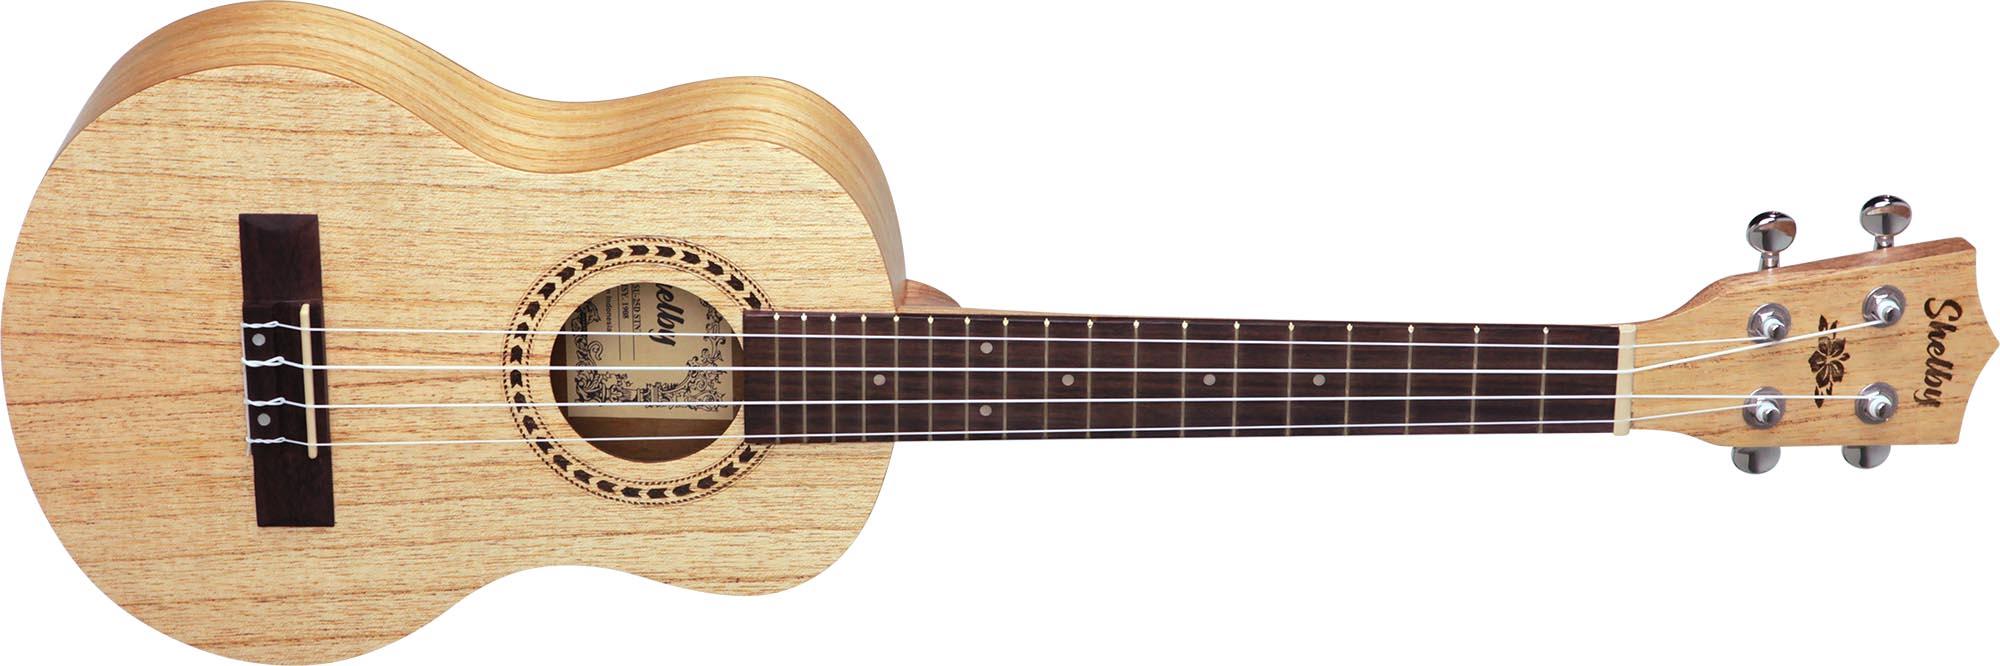 su25d ukulele tenor shelby su25d stnt cedro branco acetinado visao frontal 1